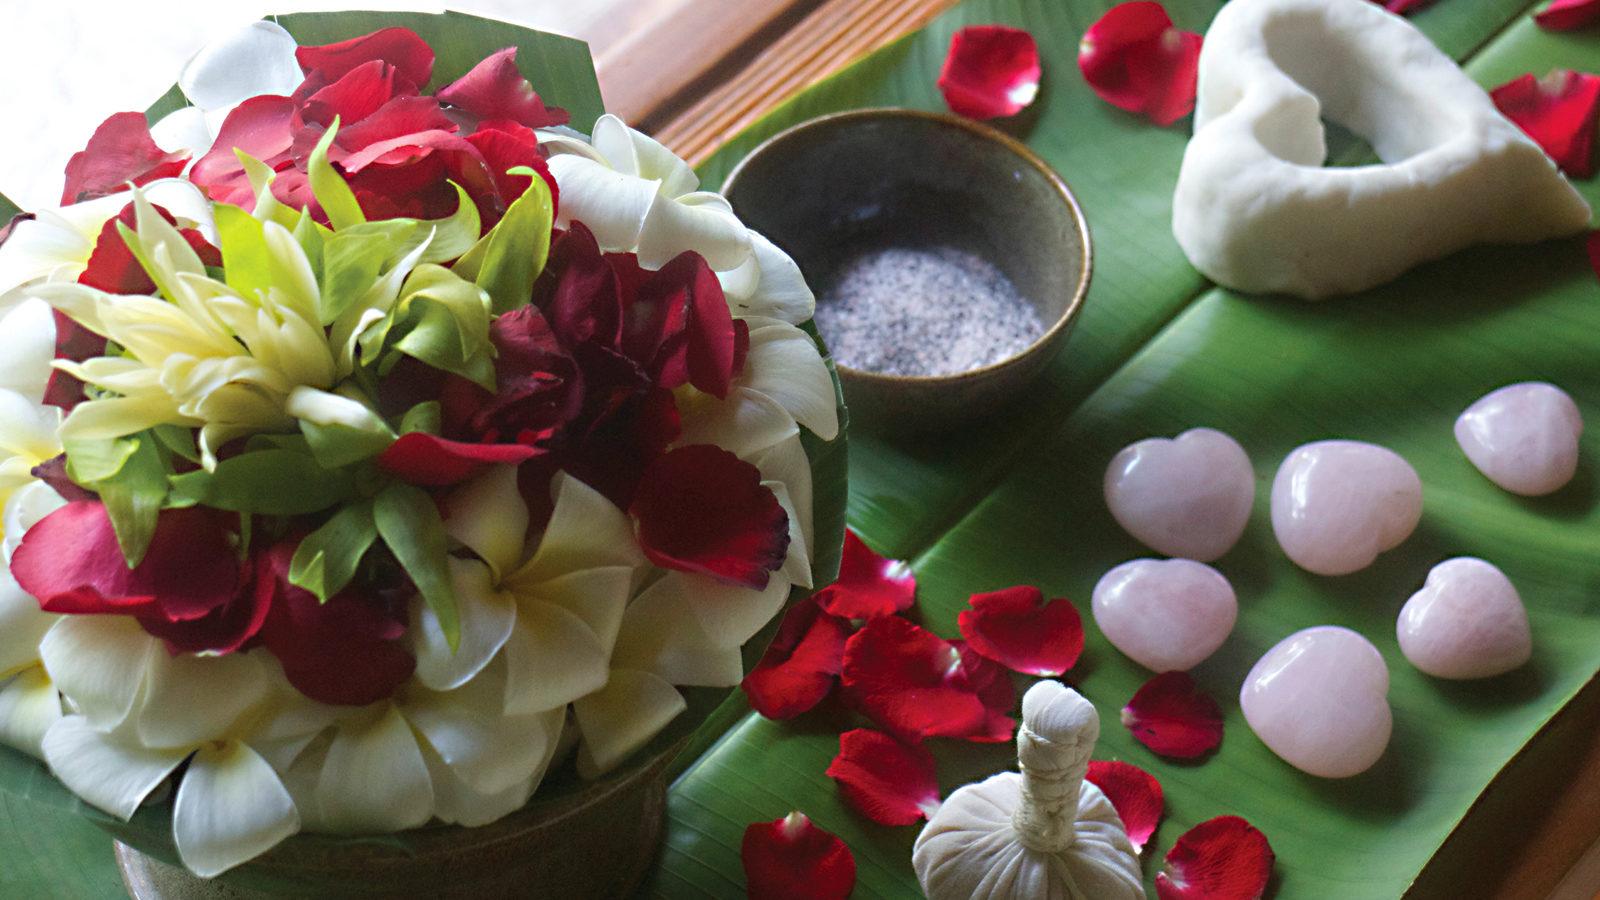 The New Healing Village Spa at Four Seasons Resort Bali at Jimbaran Bay Presents Special Offer